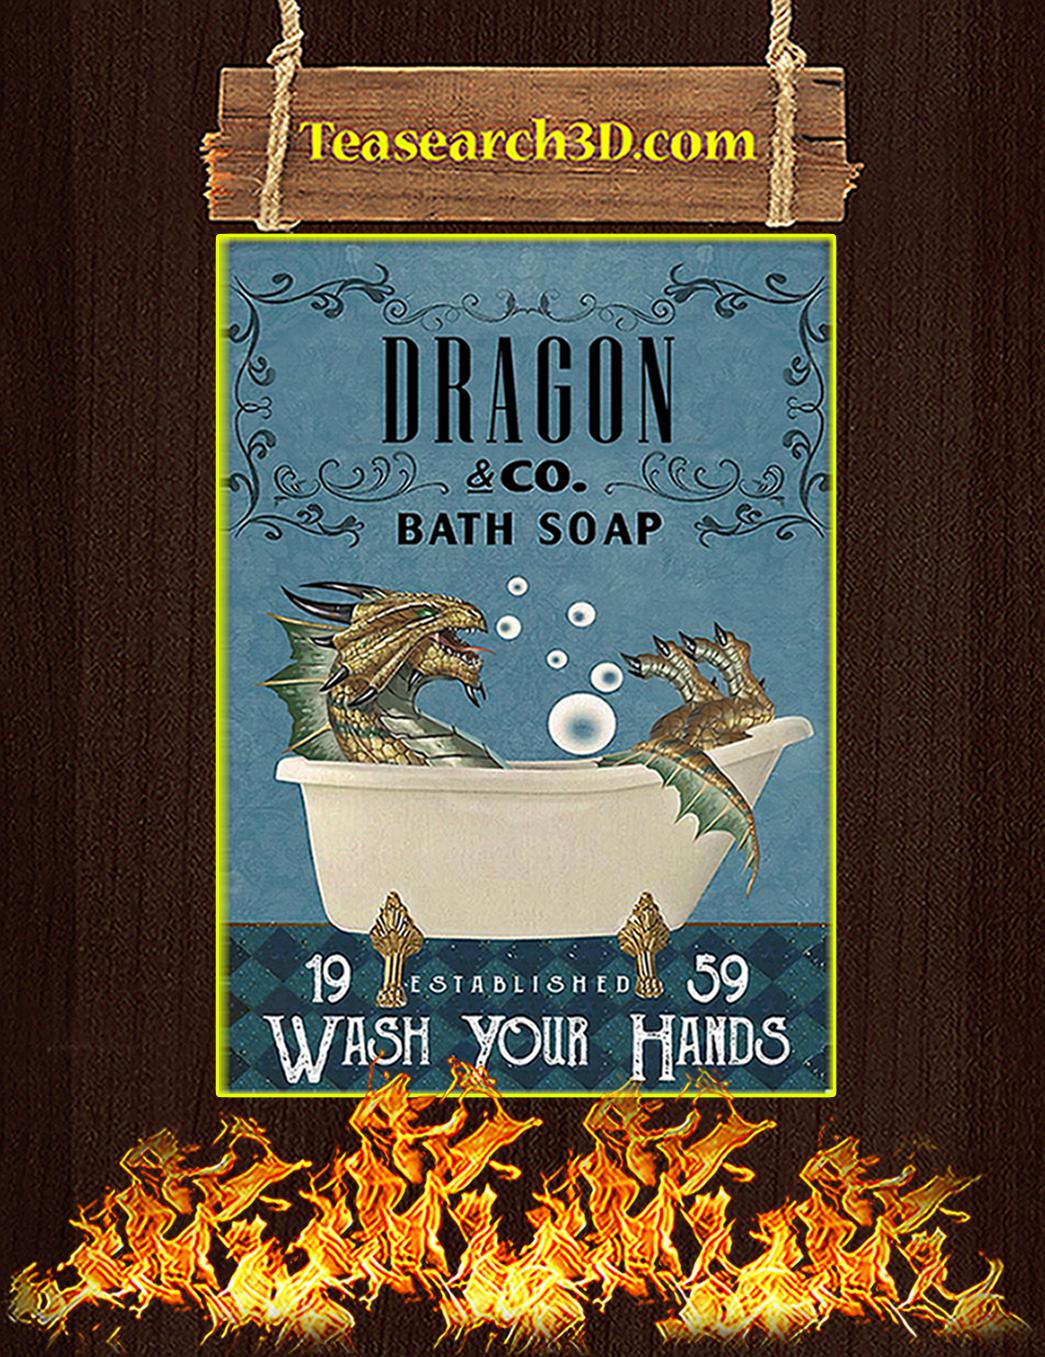 Bath Soap Company Dragon Poster A1